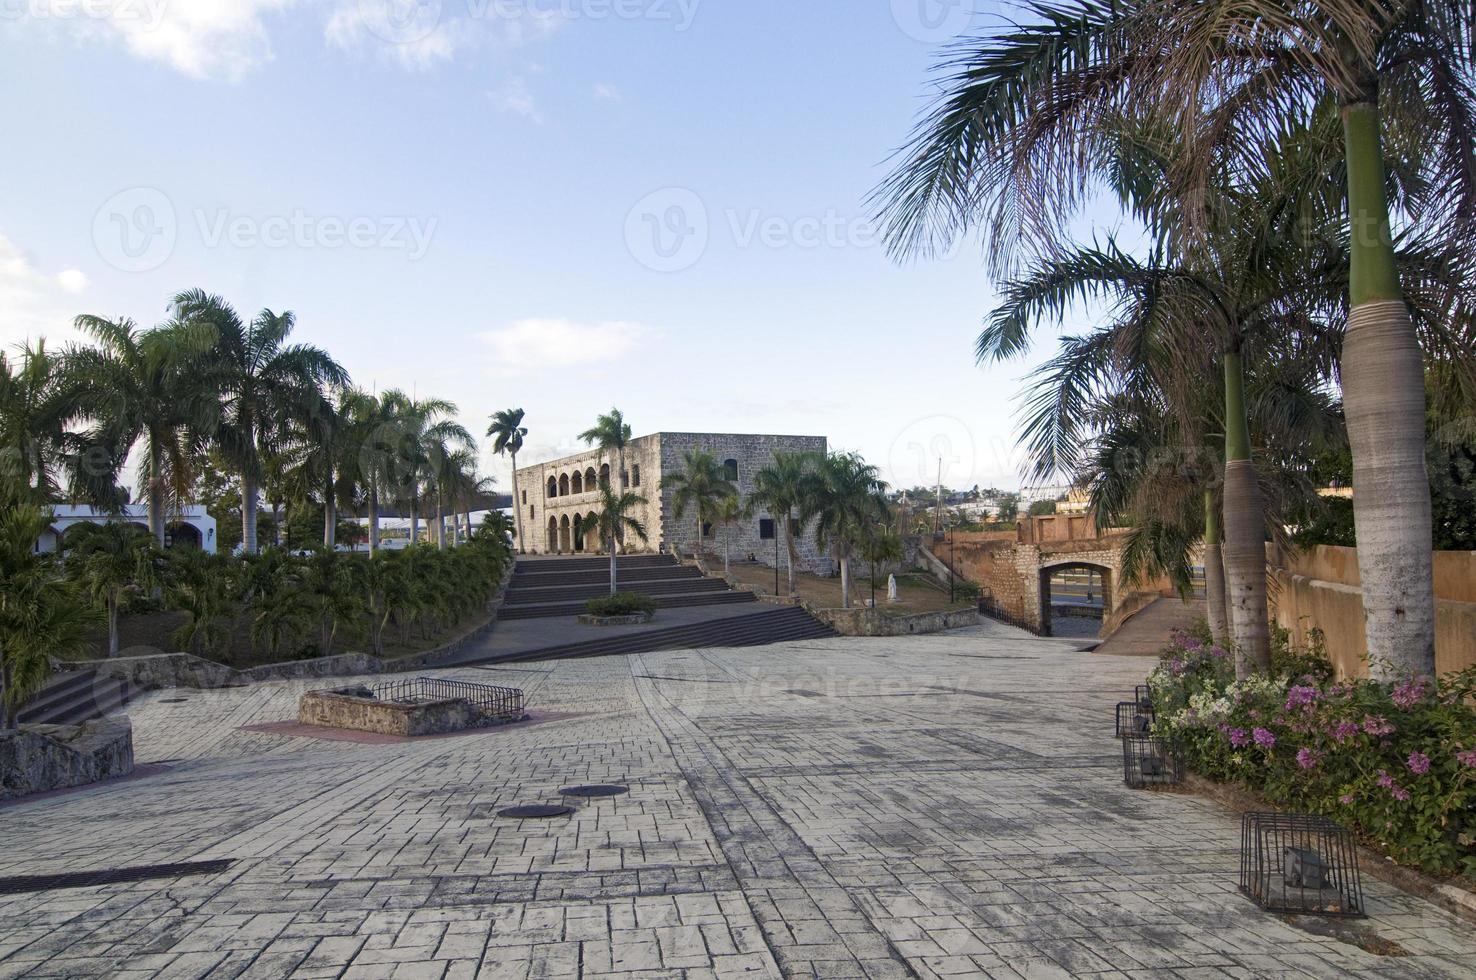 alcazar de colon, Dominikanska republiken. foto